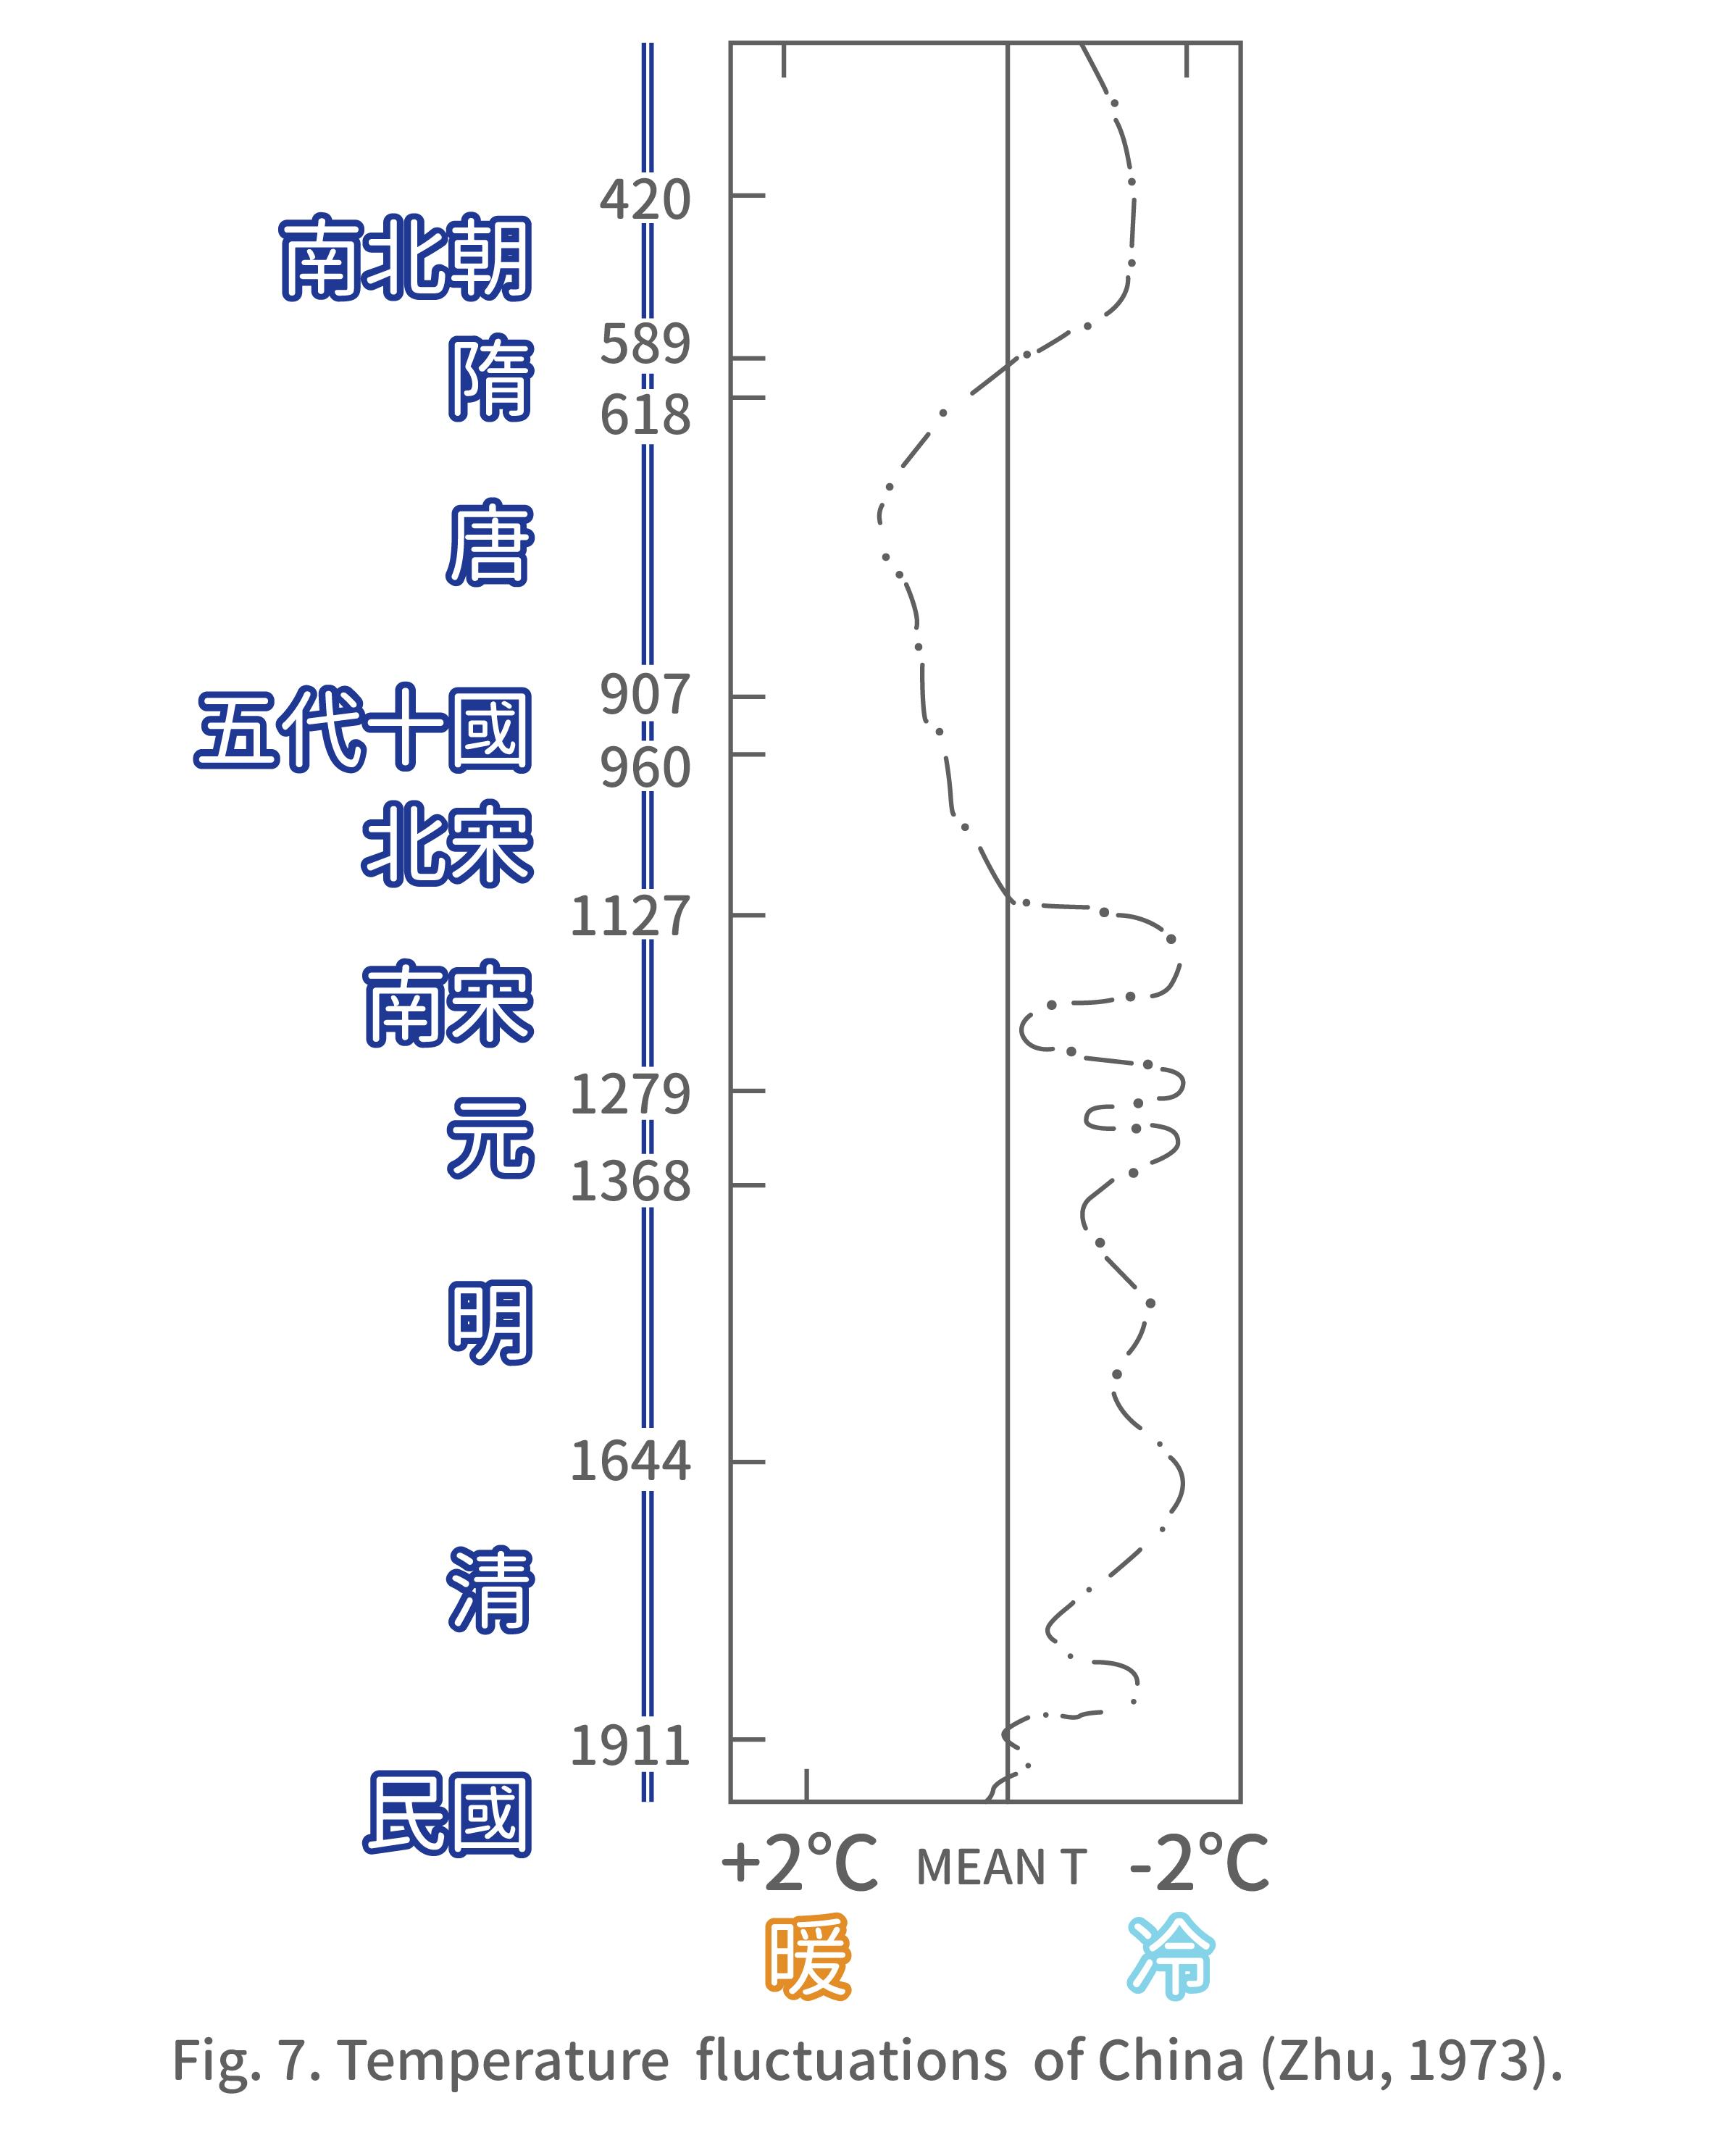 歷史氣溫變化曲線 (竺可楨,1973)。(此圖資料以年份為準,左側朝代為輔助說明之標示,故部分年份與朝代年代會有些許差異) 資料來源│王寳貫提供 圖說重製│歐柏昇、張語辰